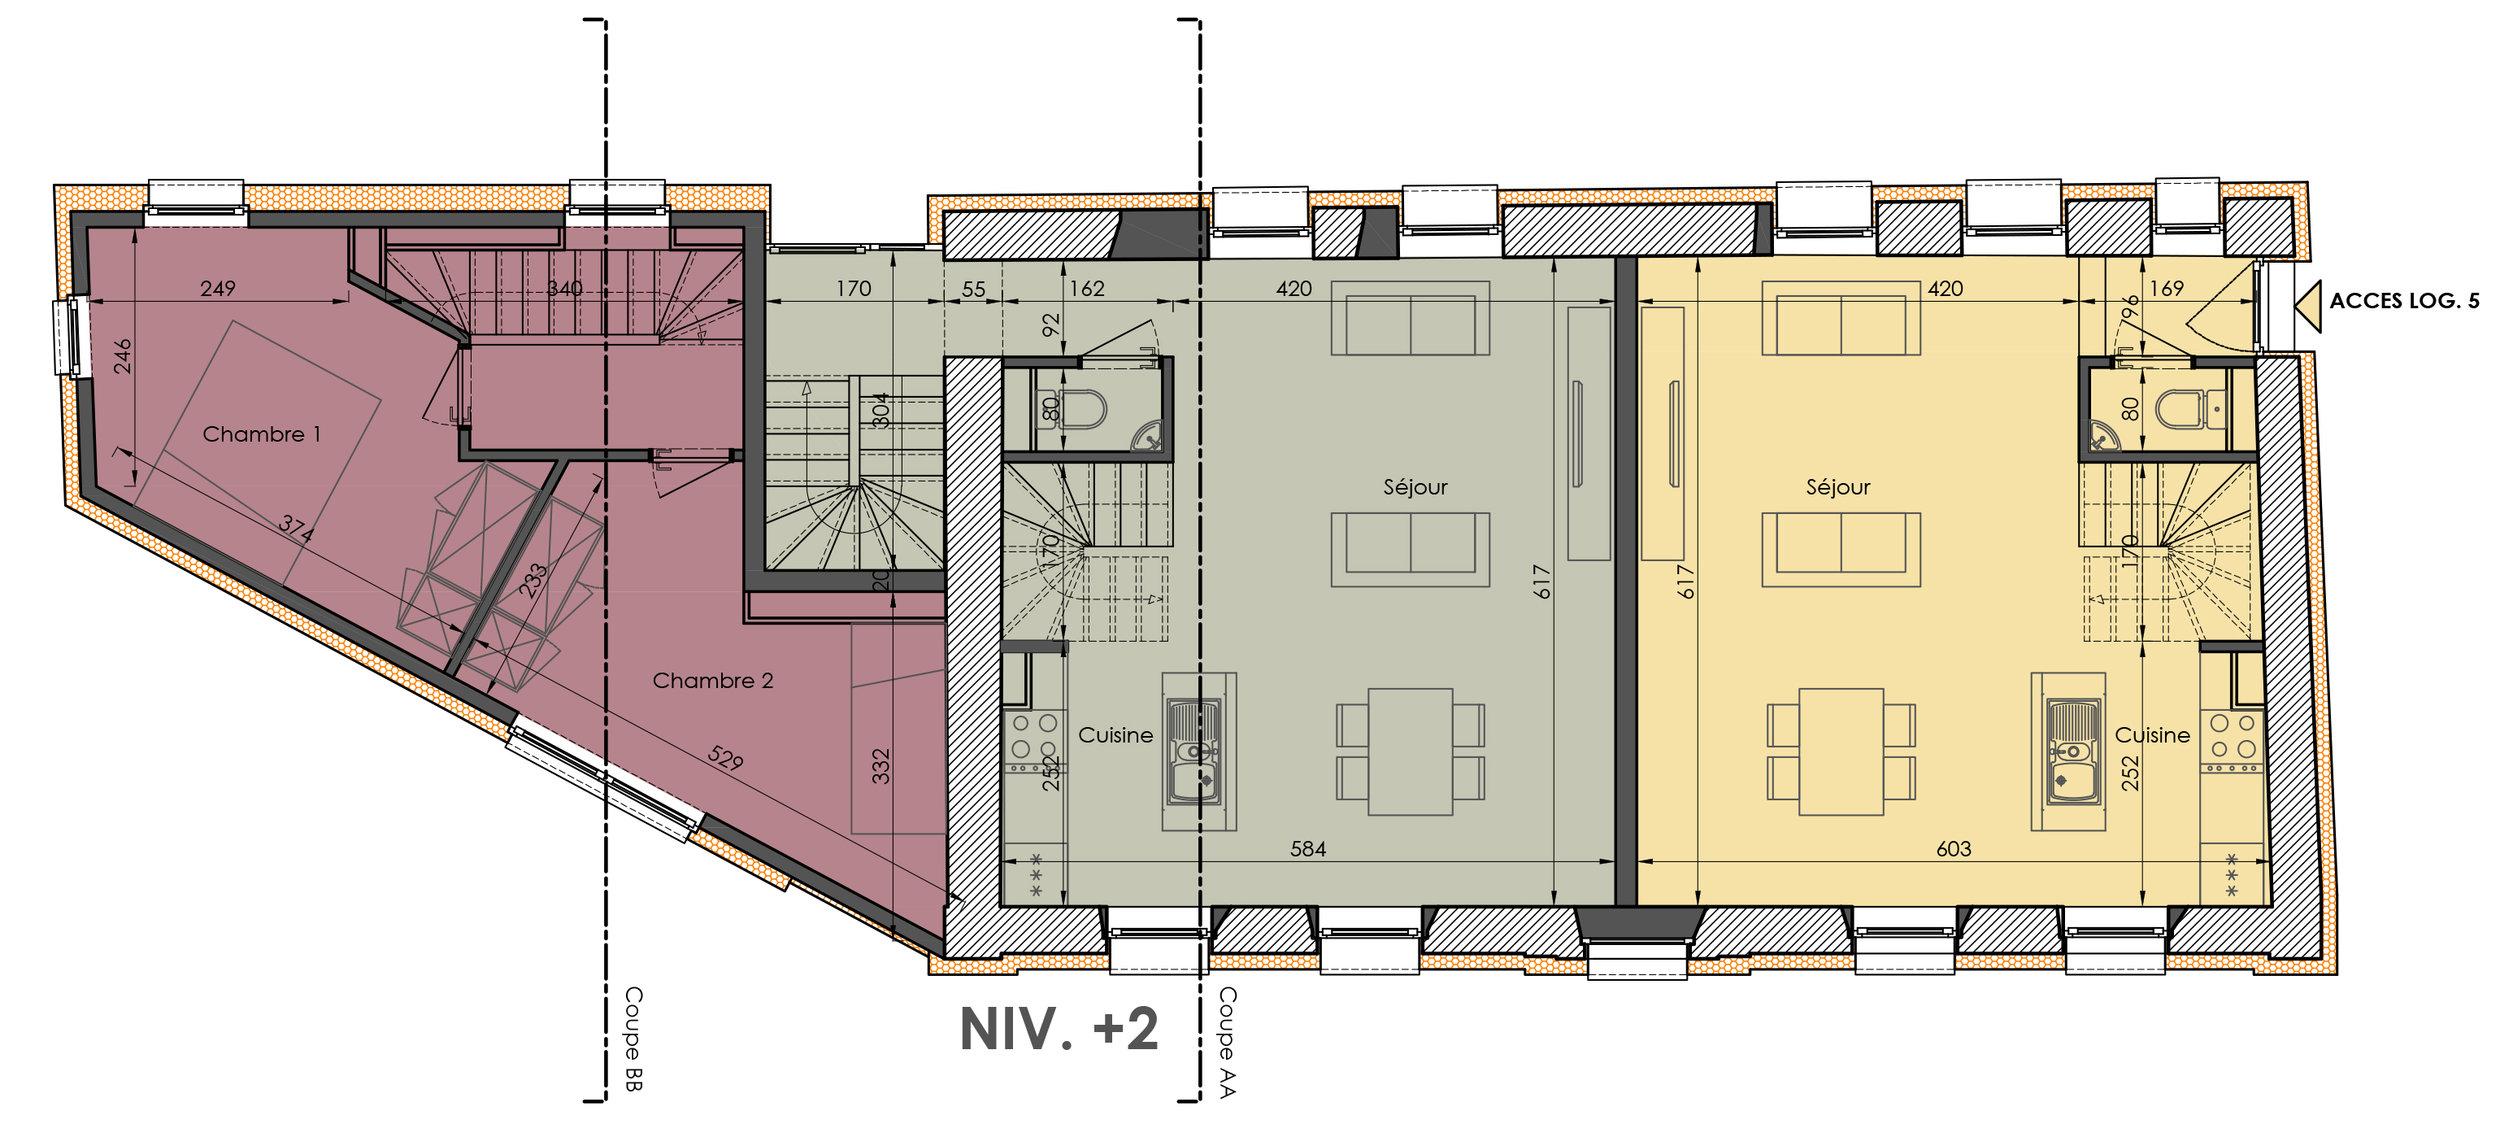 walcourt plan niv 2.jpg